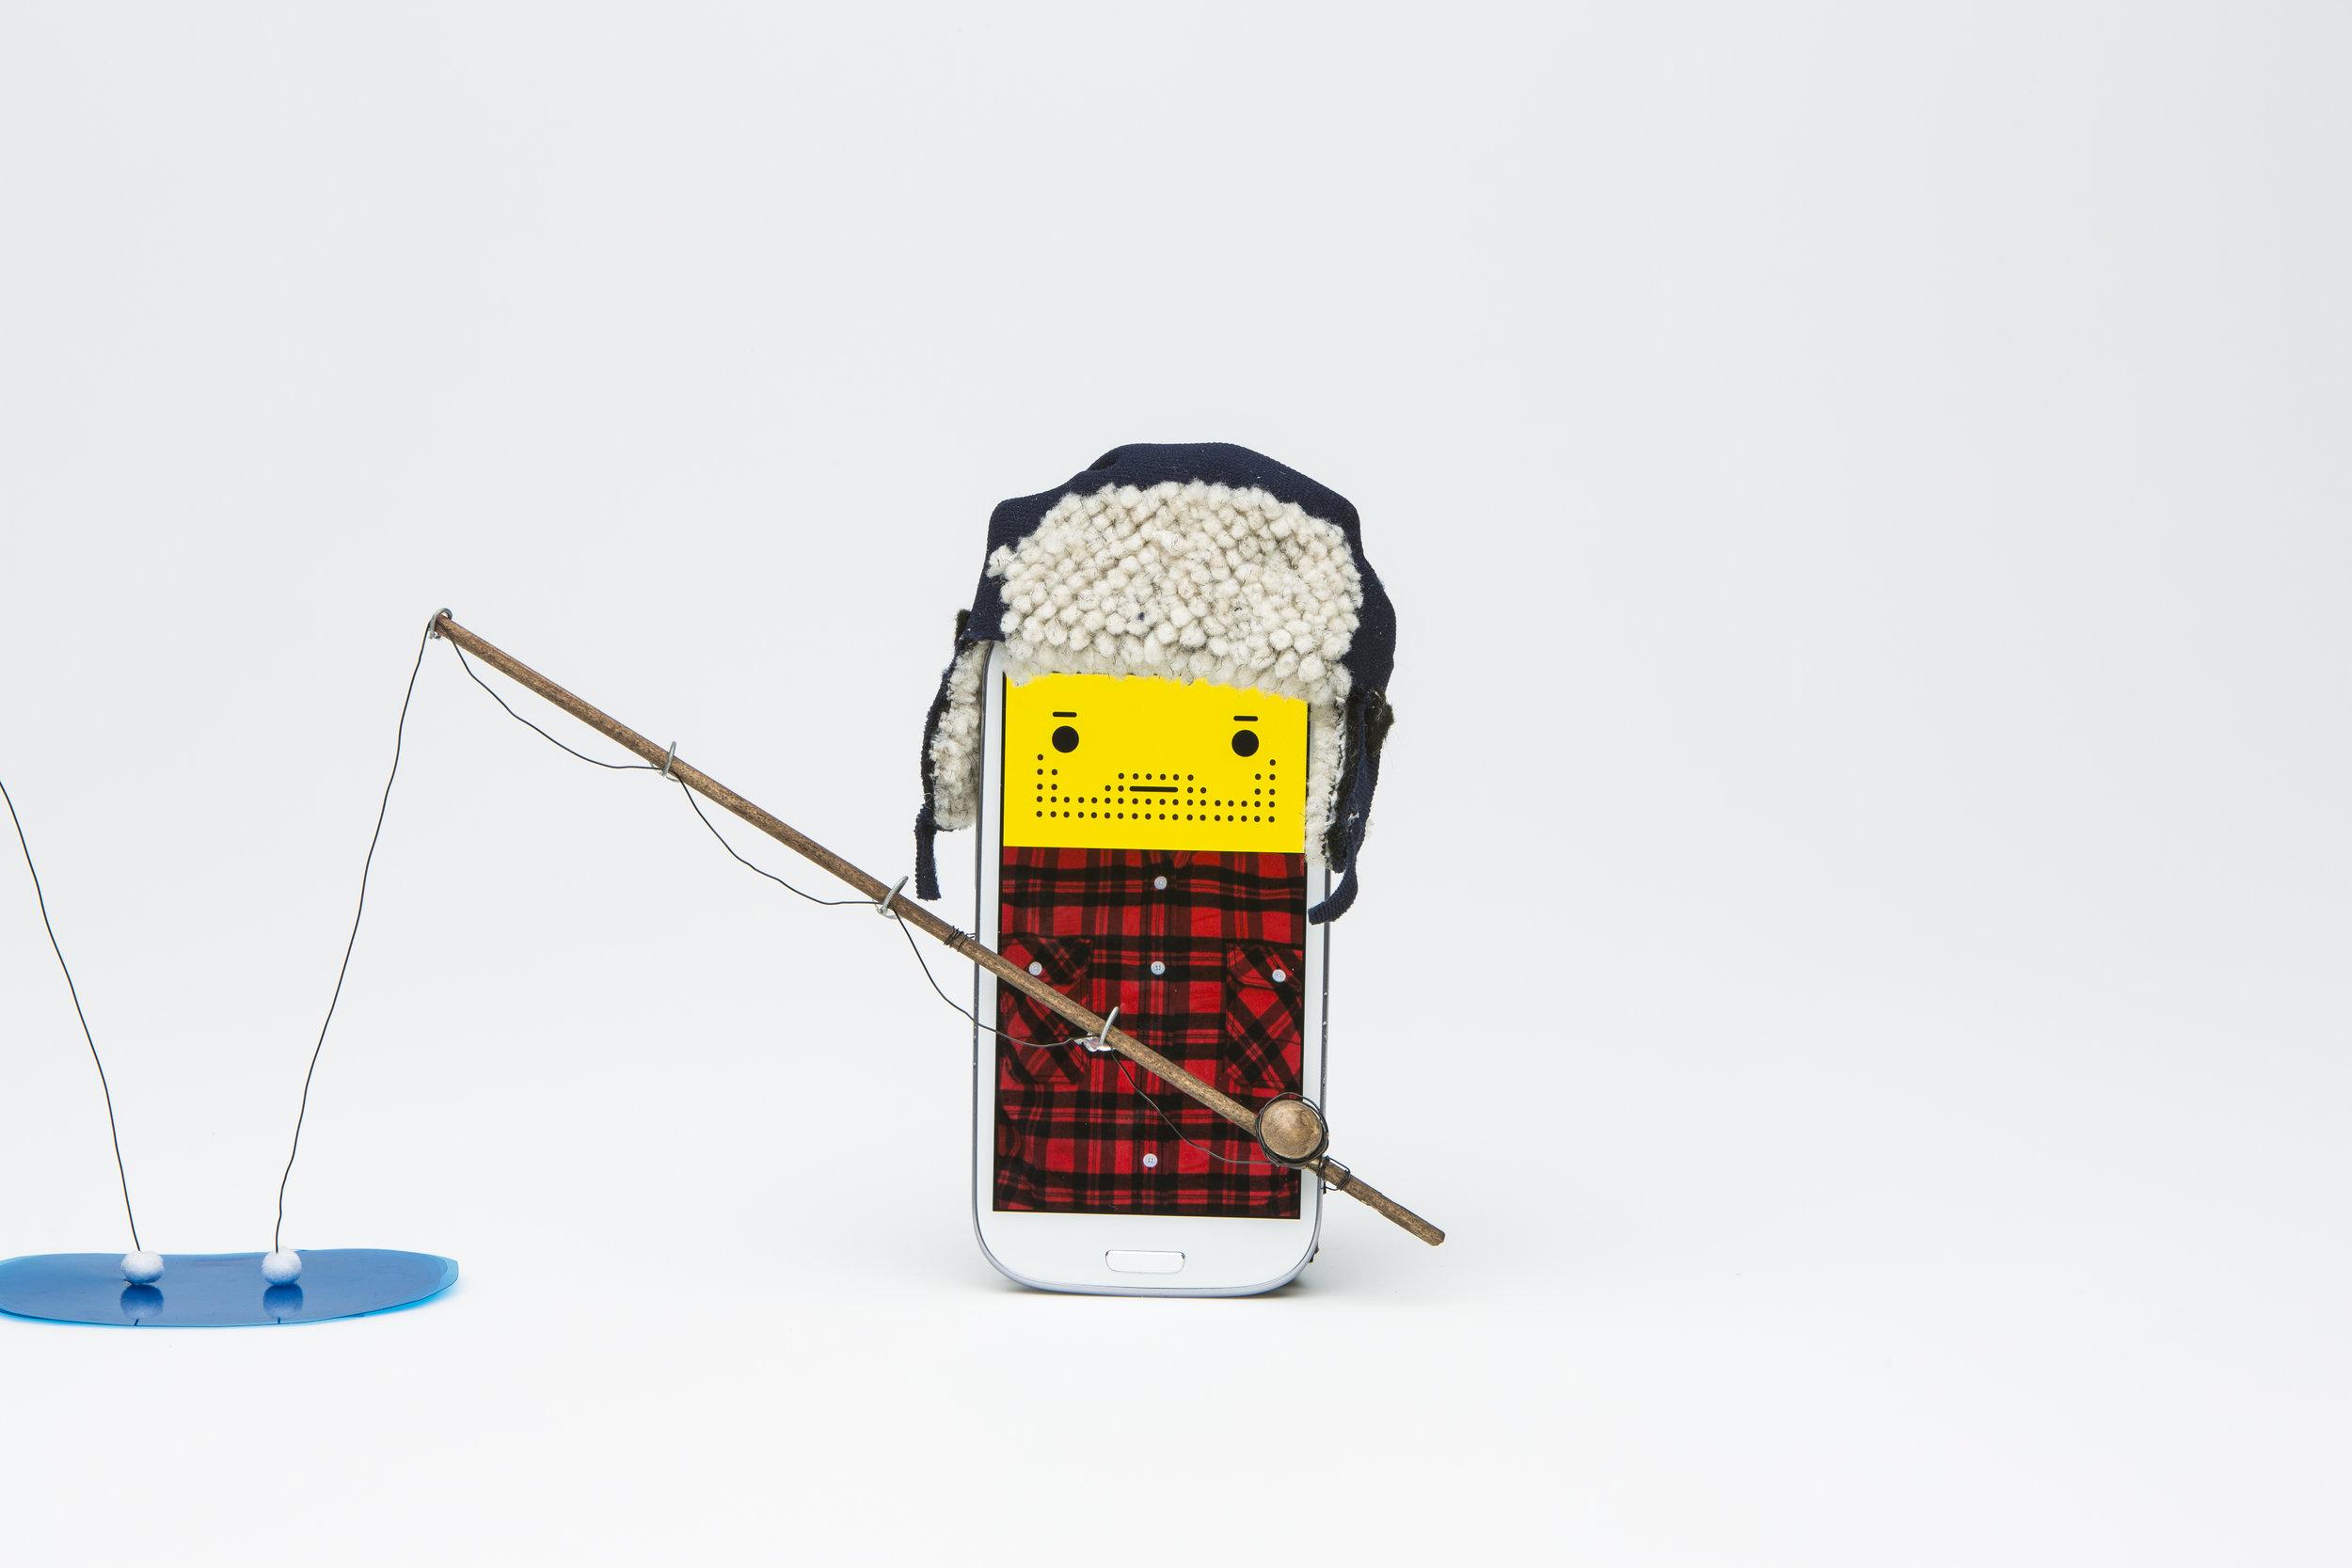 ATT-ICE FISHING-12.18.12-240.jpg